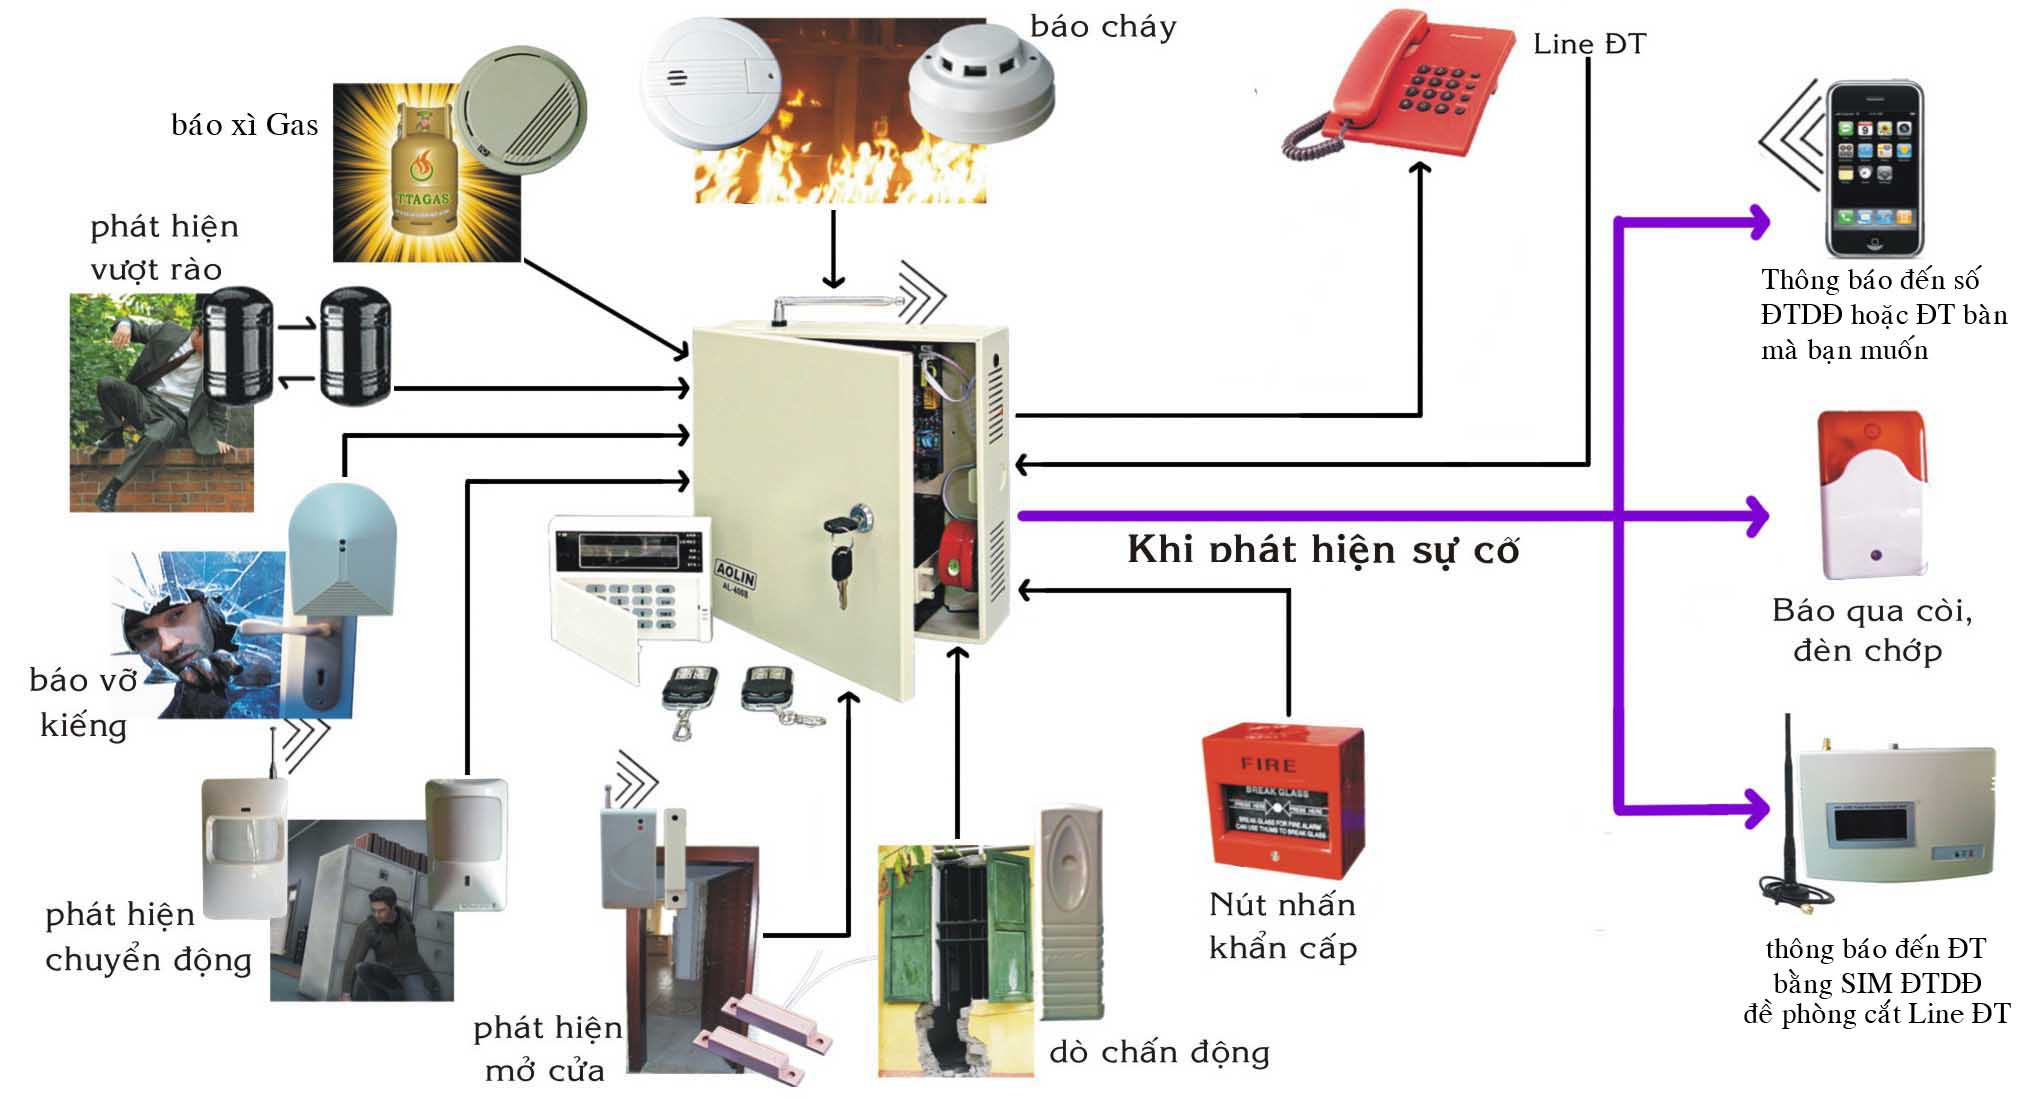 Hệ thống báo cháy tự động và những kiến thức cần biết